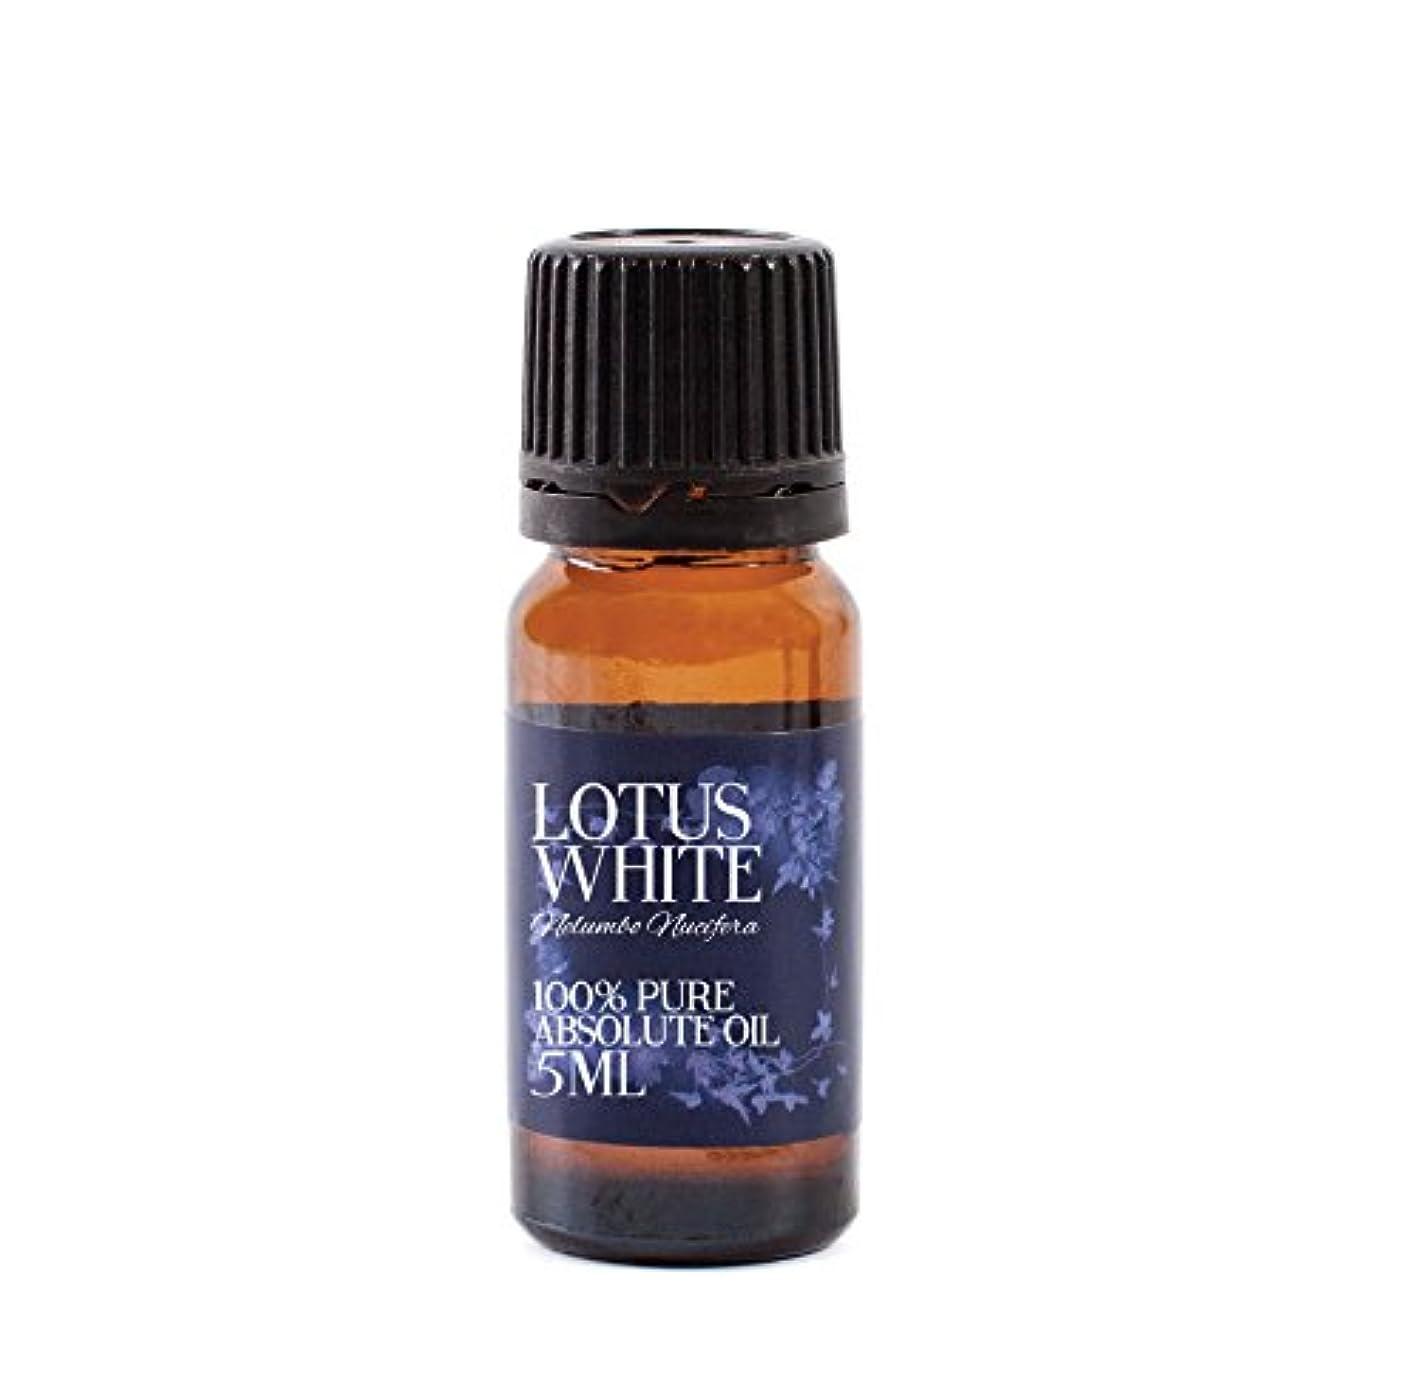 ペルソナビルマミュウミュウLotus White Absolute 5ml - 100% Pure